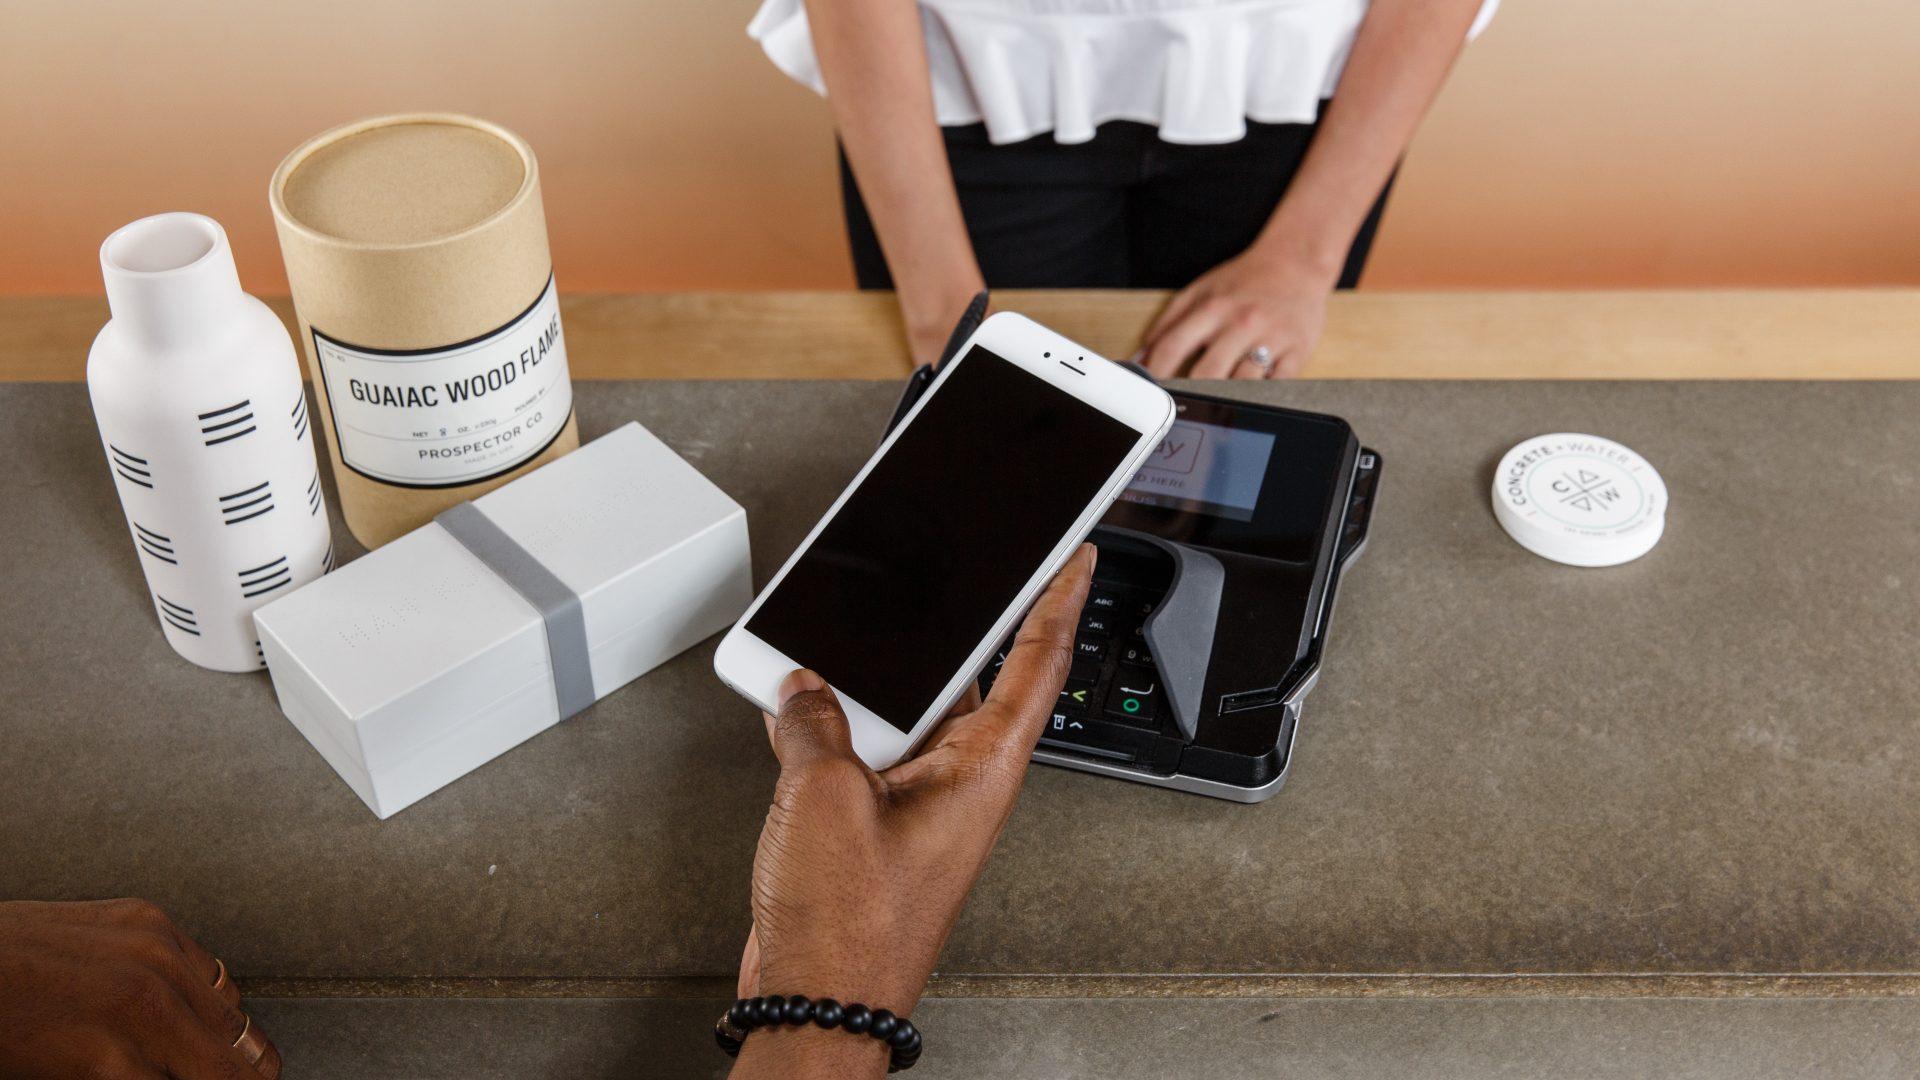 Barclaycard Kreditkarte Apple Pay und Google Pay